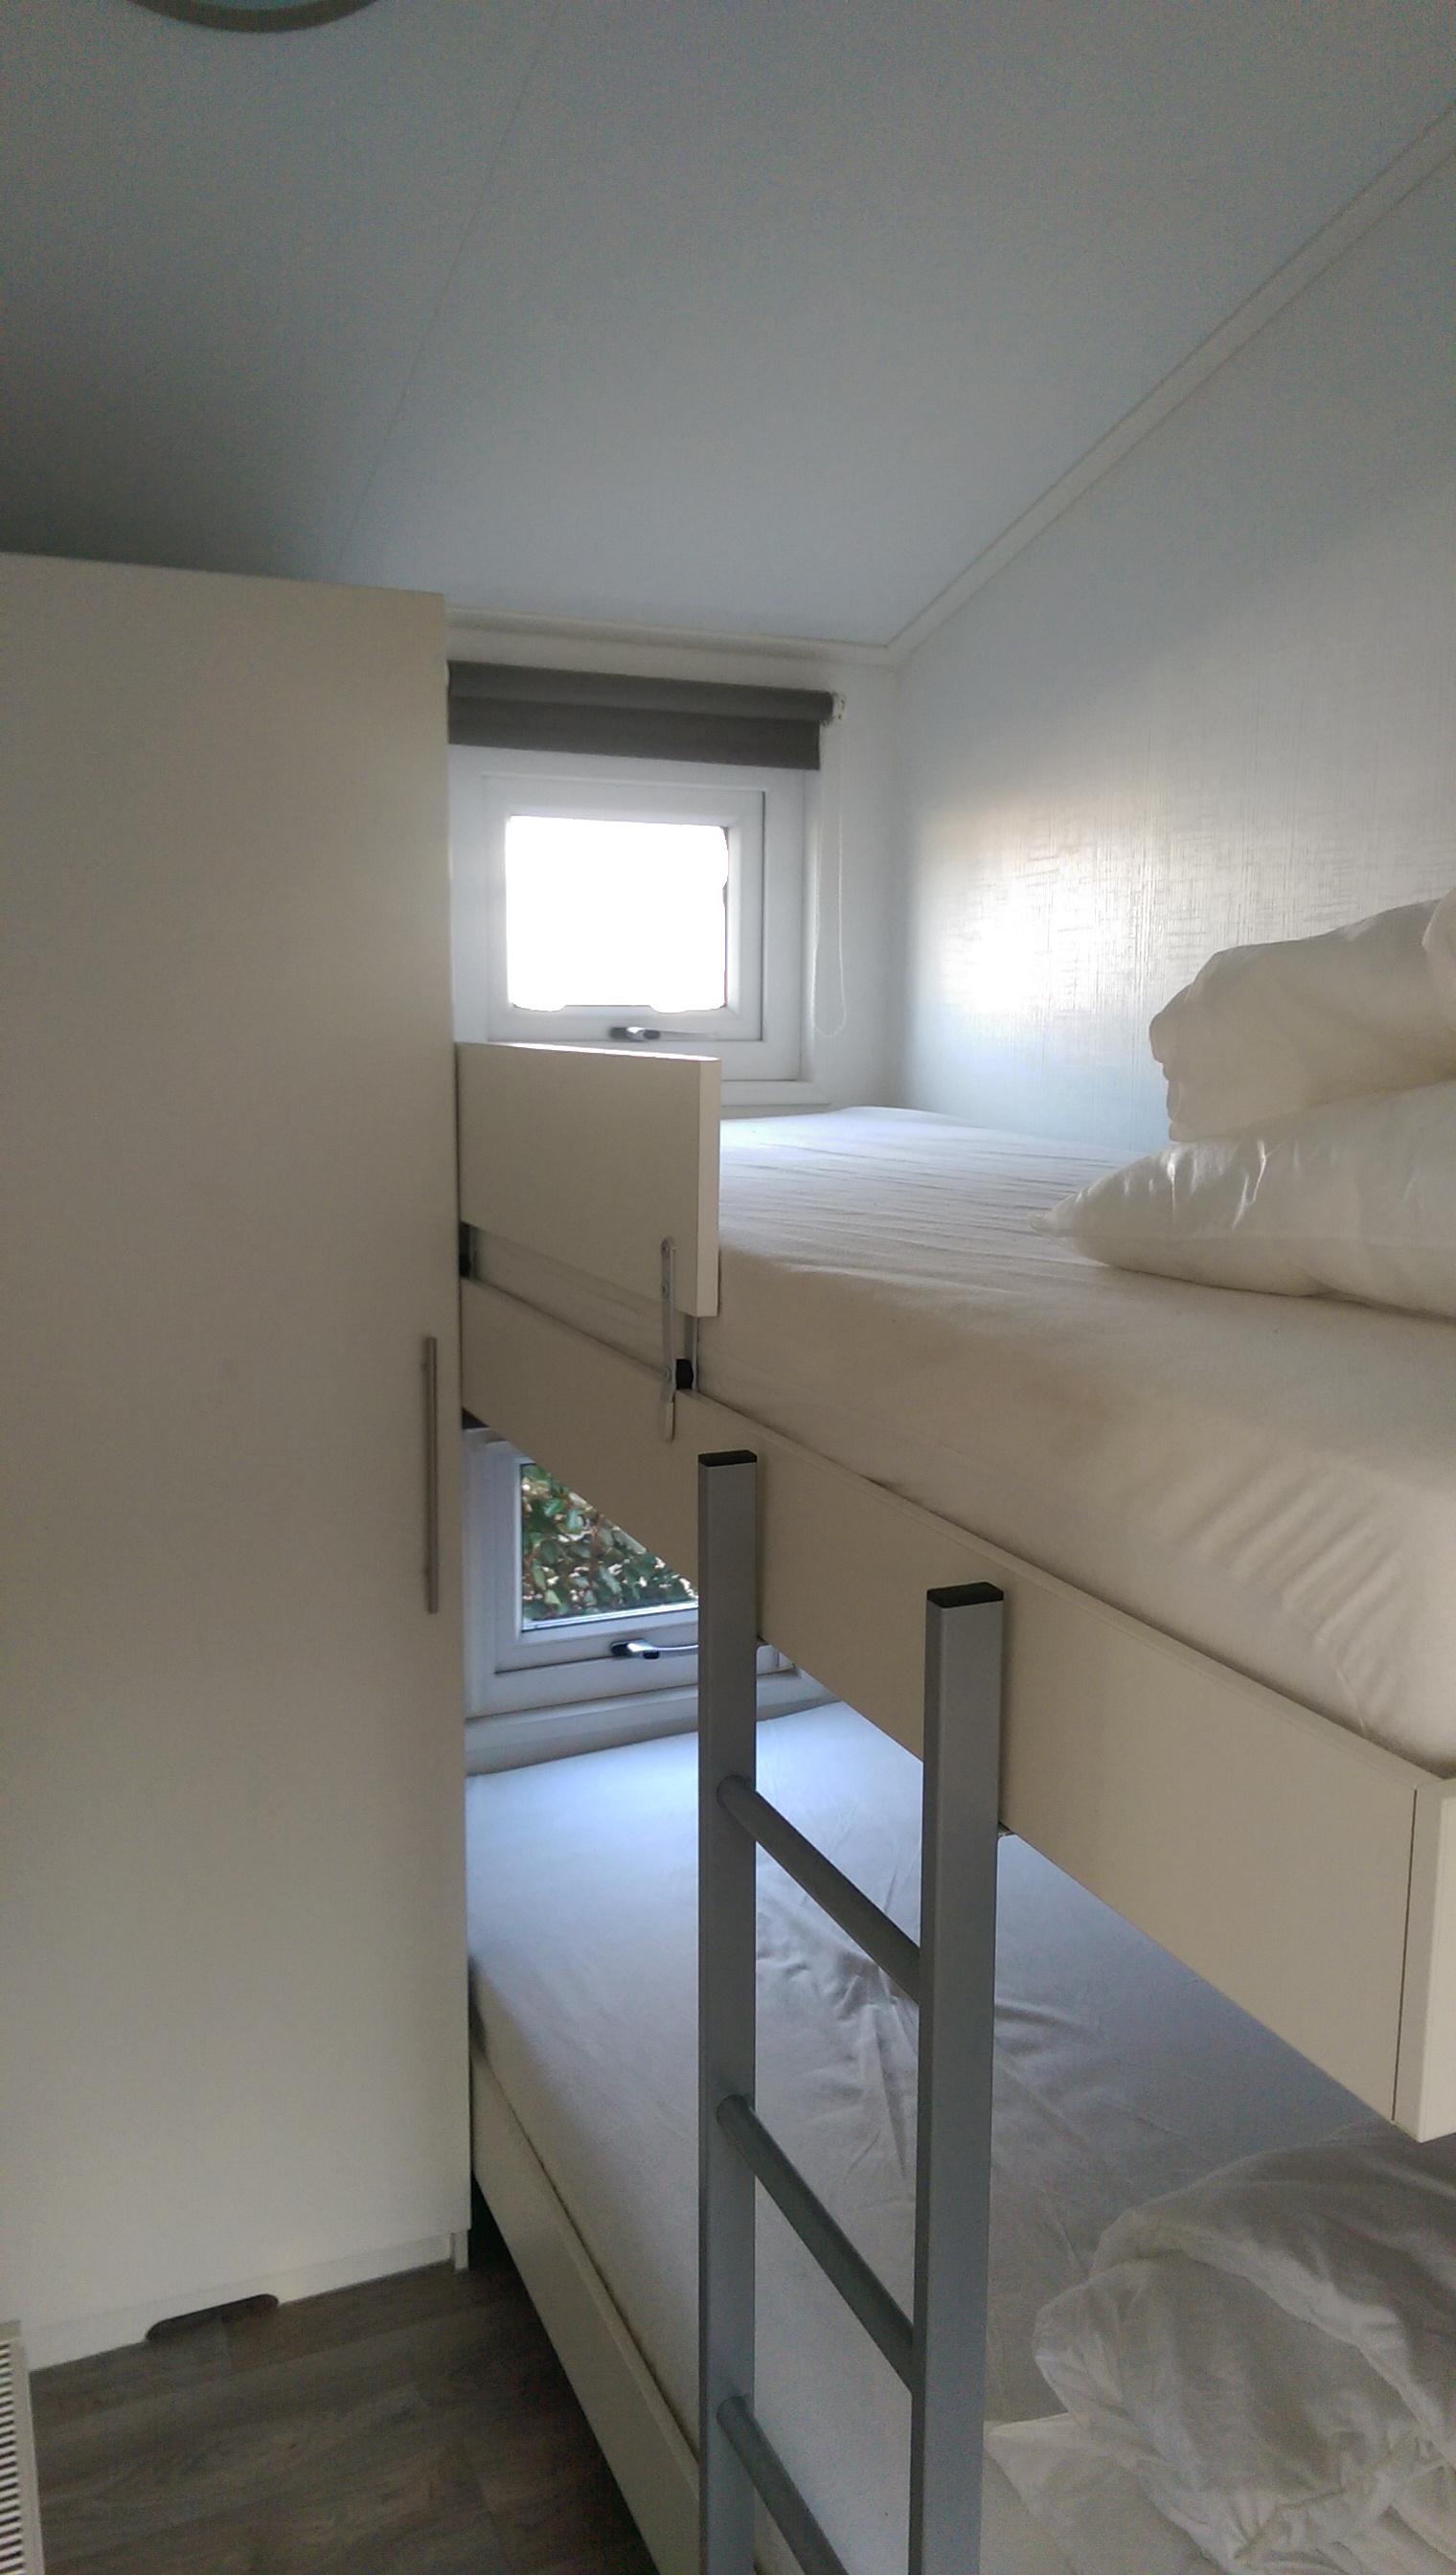 Slaapkamer klein (2x)